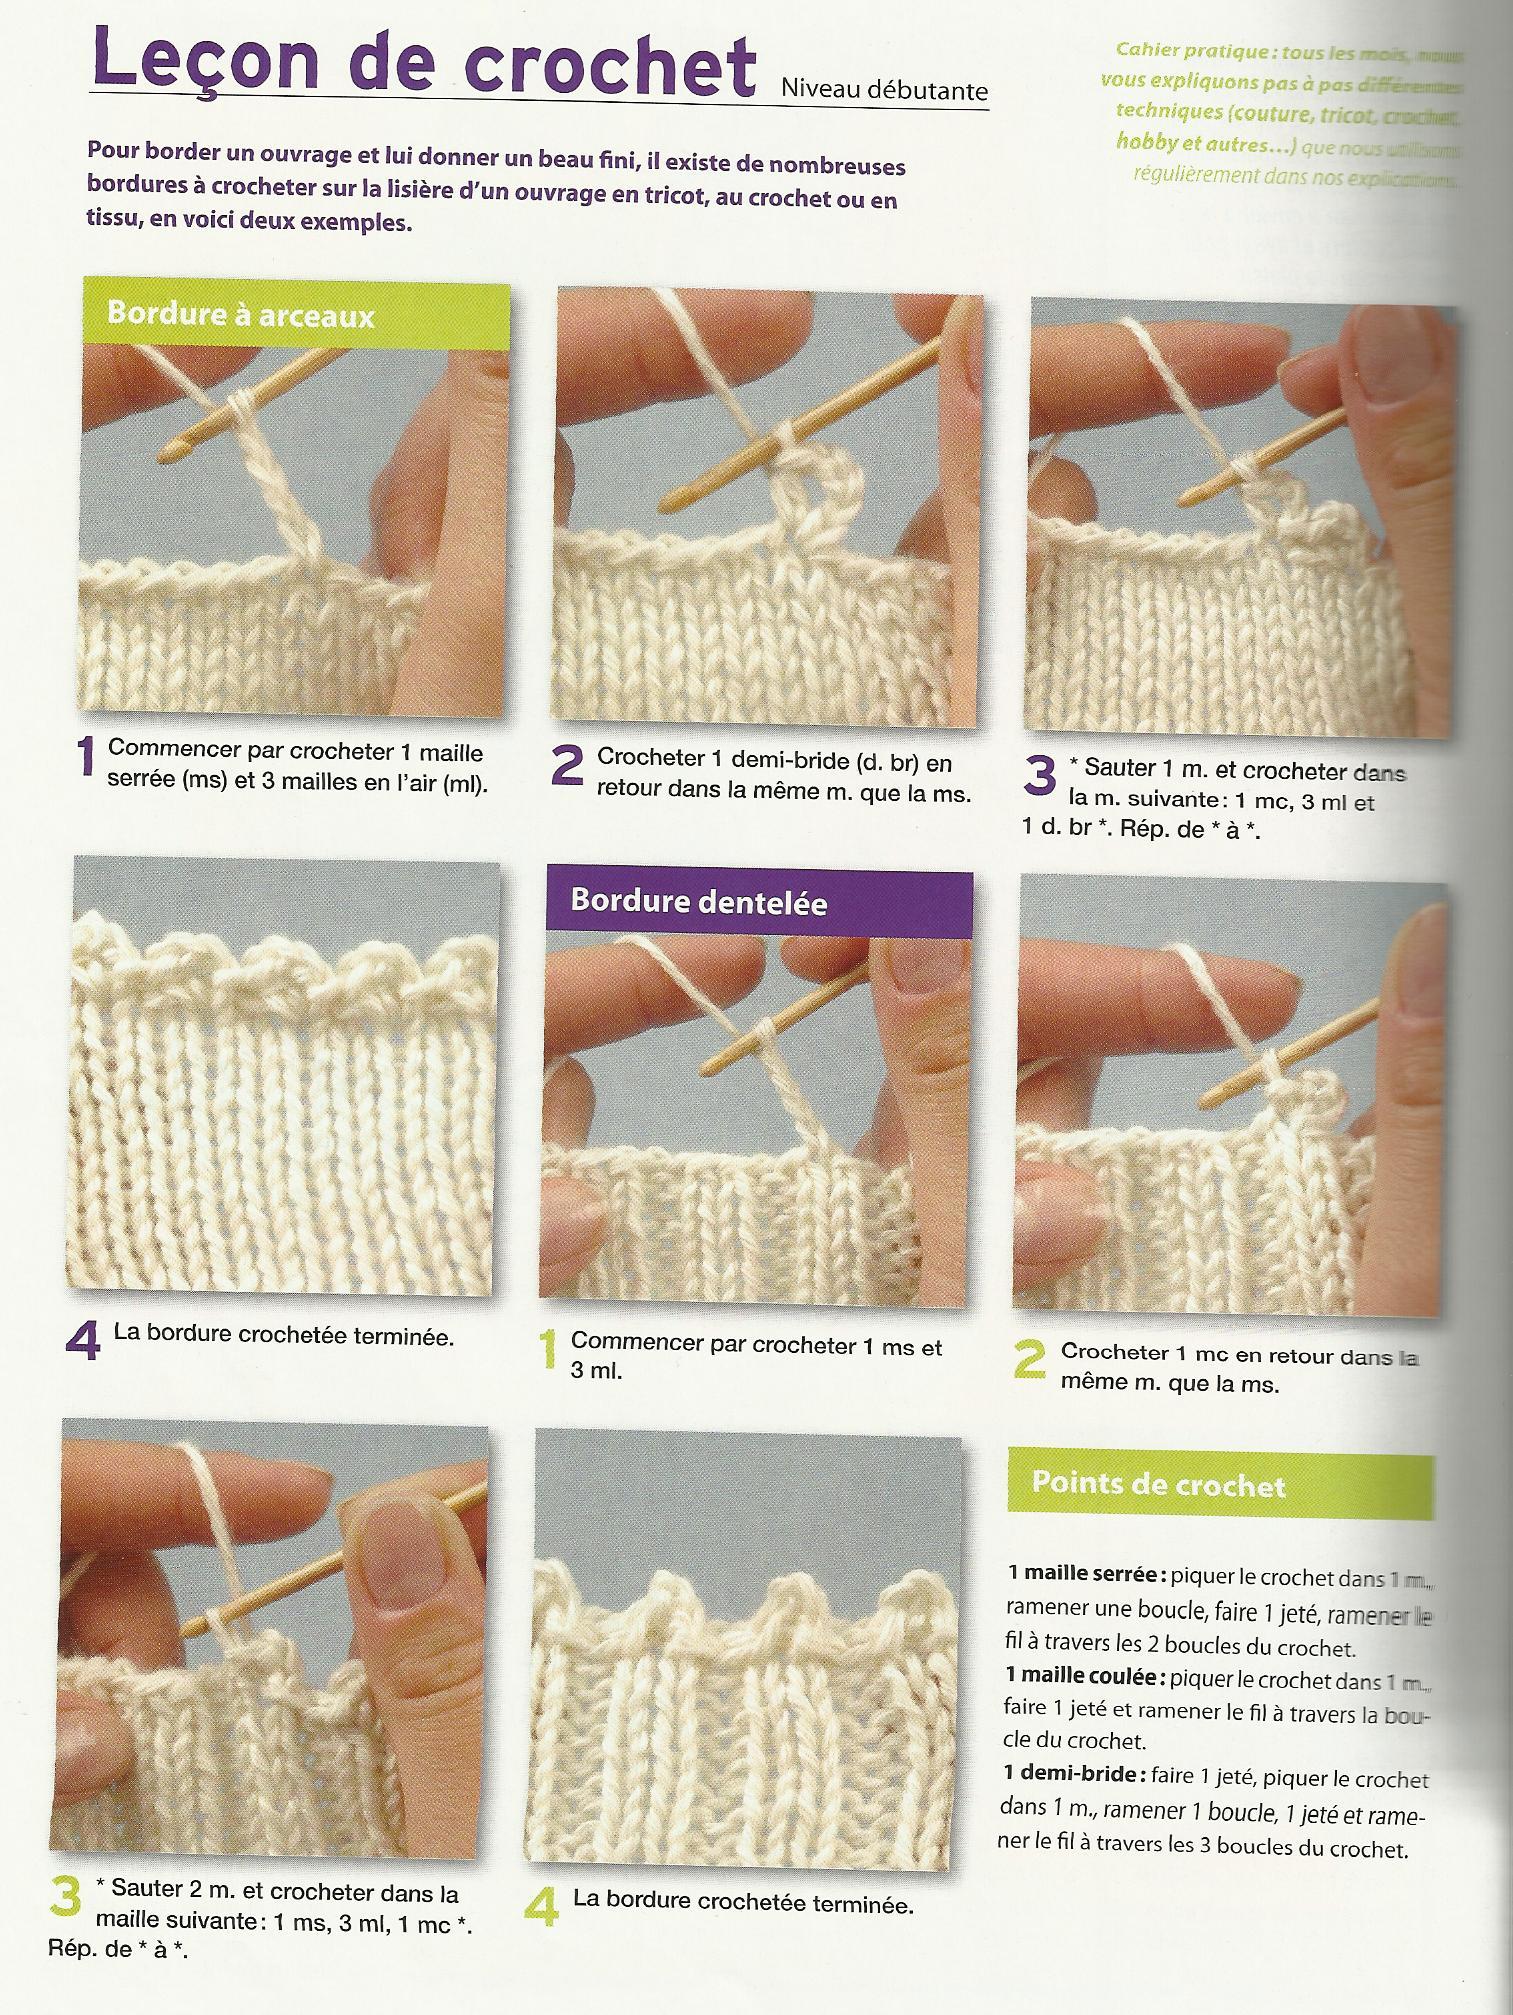 Les points de crochet - Bordure de finition au crochet ...